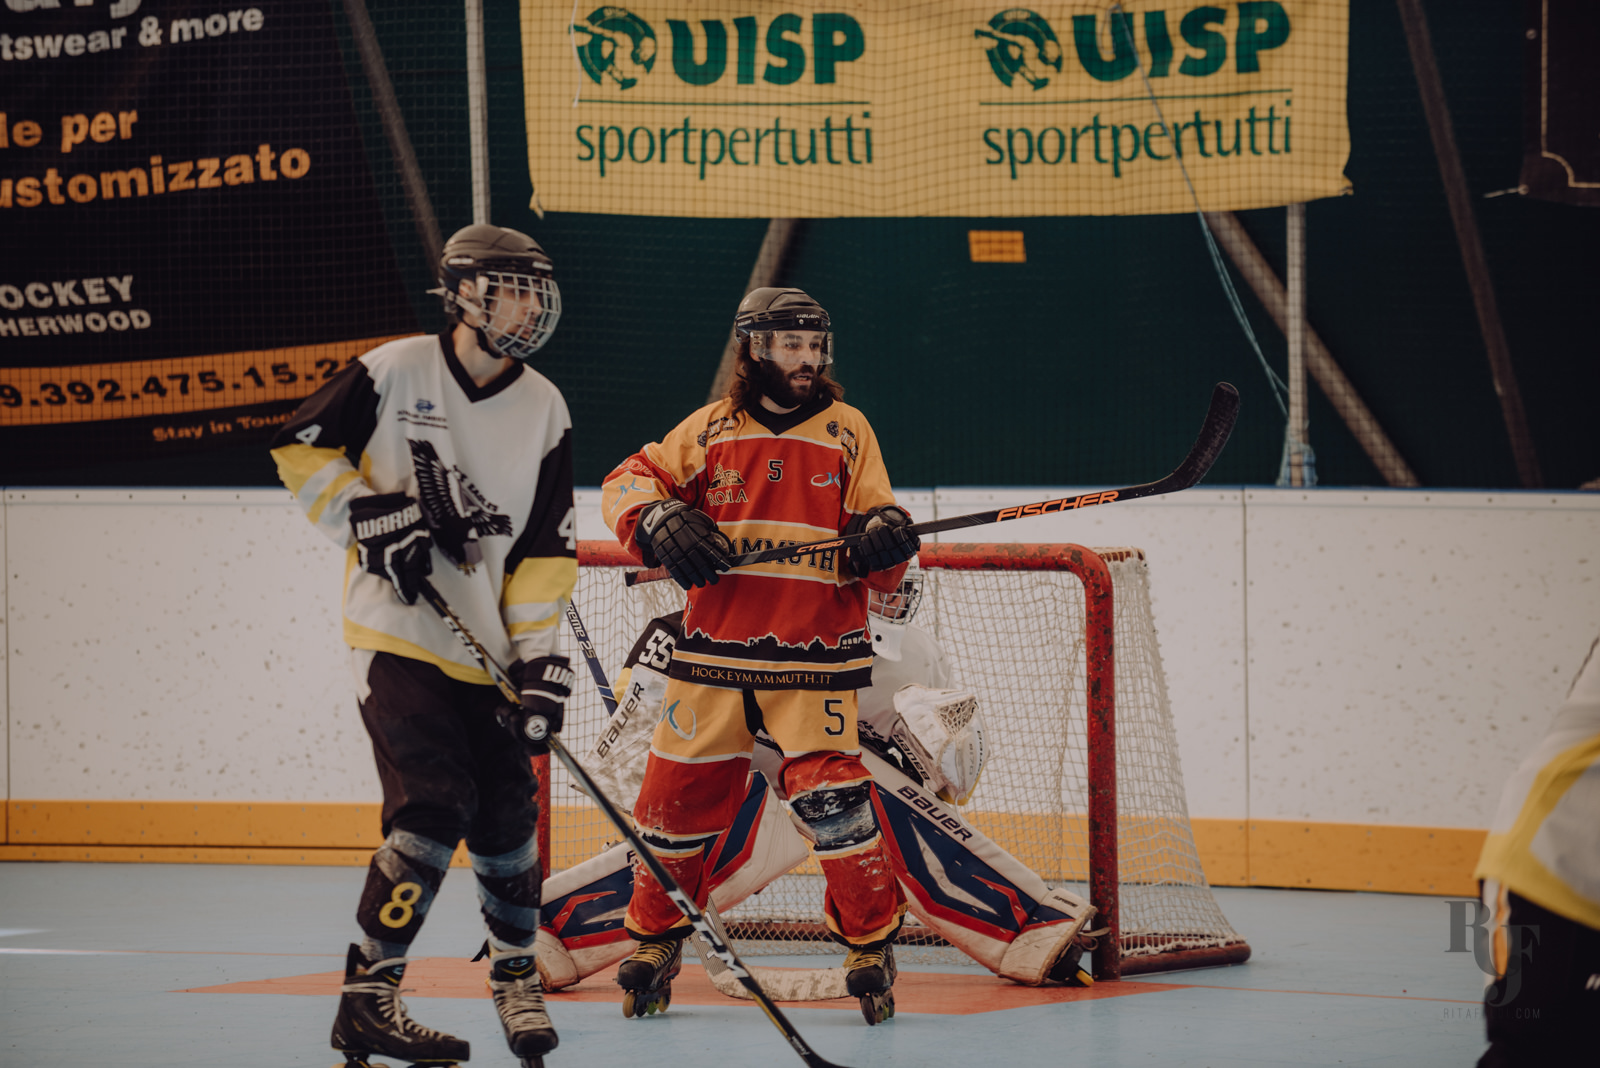 Mammuth Roma, Mammuth Hockey, Hockey Roma, pattinaggio e hockey a roma, inline hockey a roma